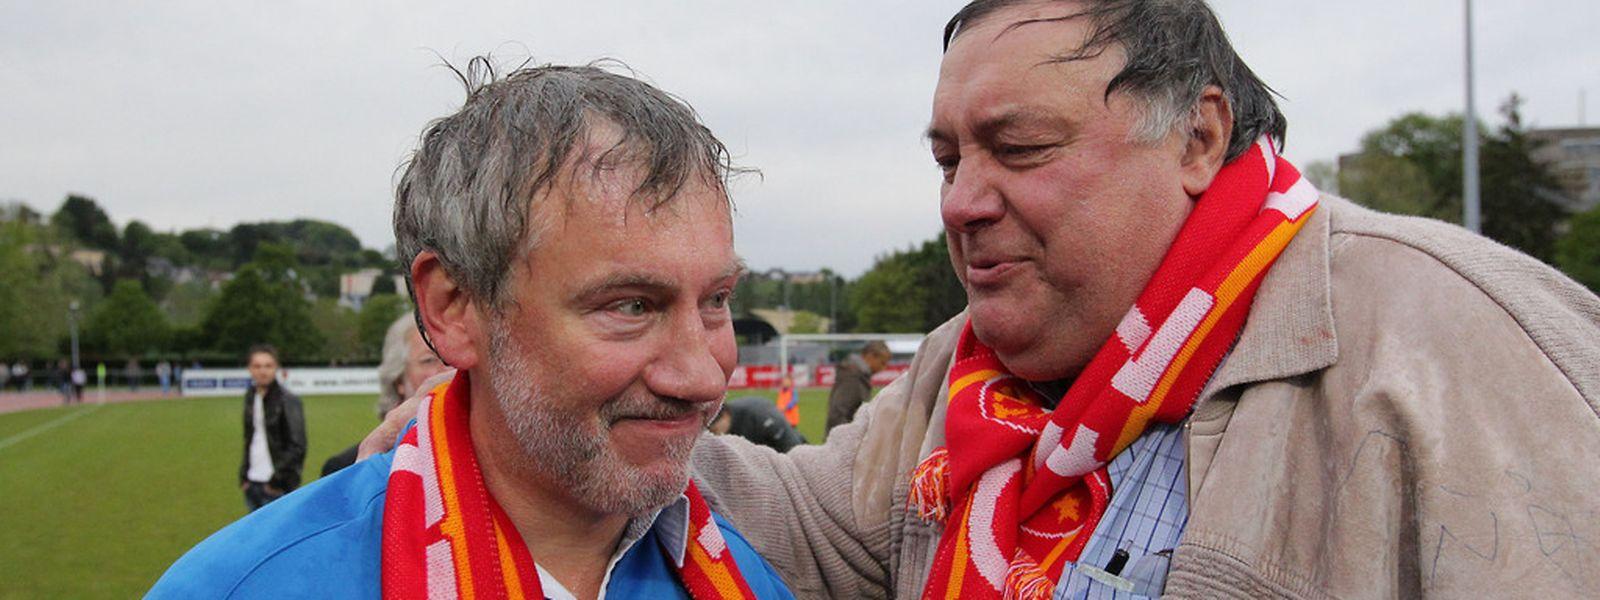 Henri Roemer a connu pas mal de choses au FC Wiltz. Comme le retour en BGL Ligue à l'issue d'un match de barrage contre le Swift. Pascal Lebrun conduisait alors l'équipe.